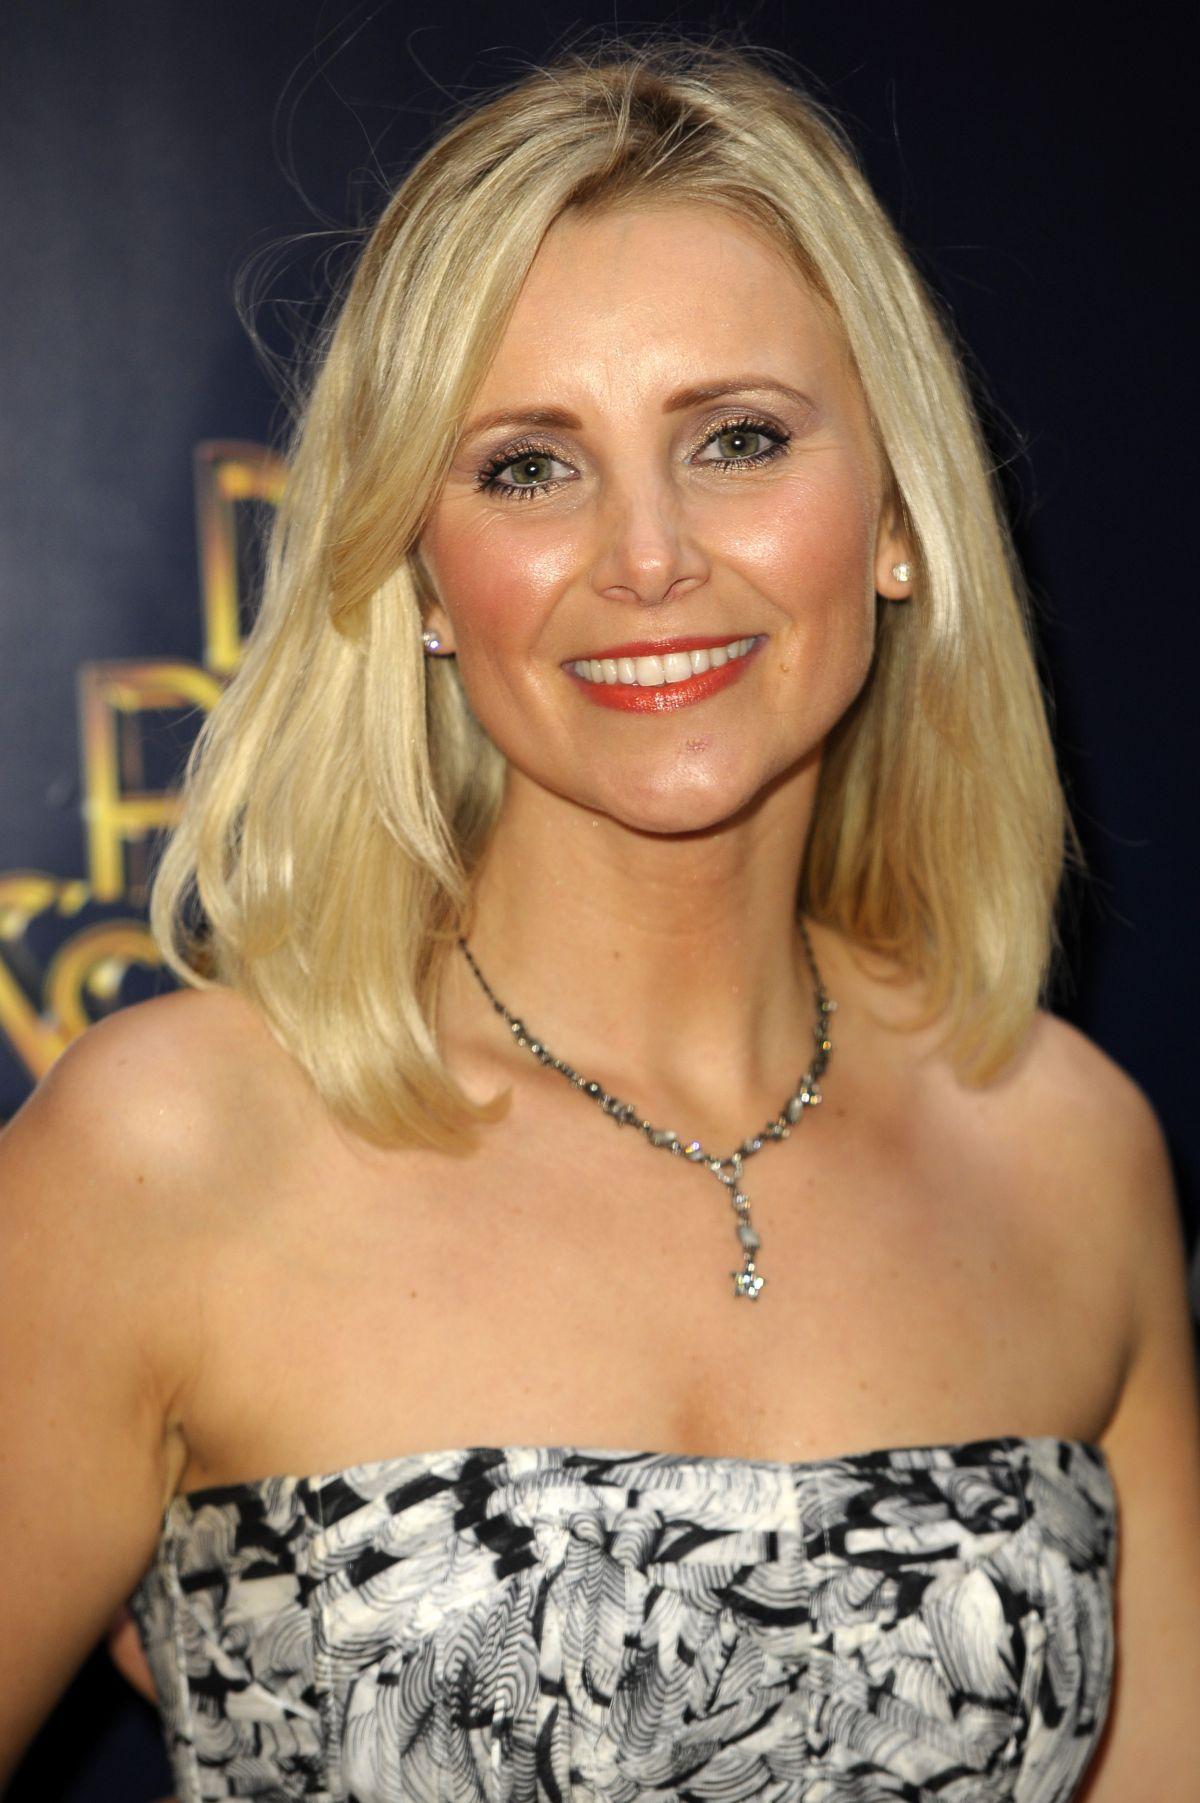 Carley Stenson (born 1982)